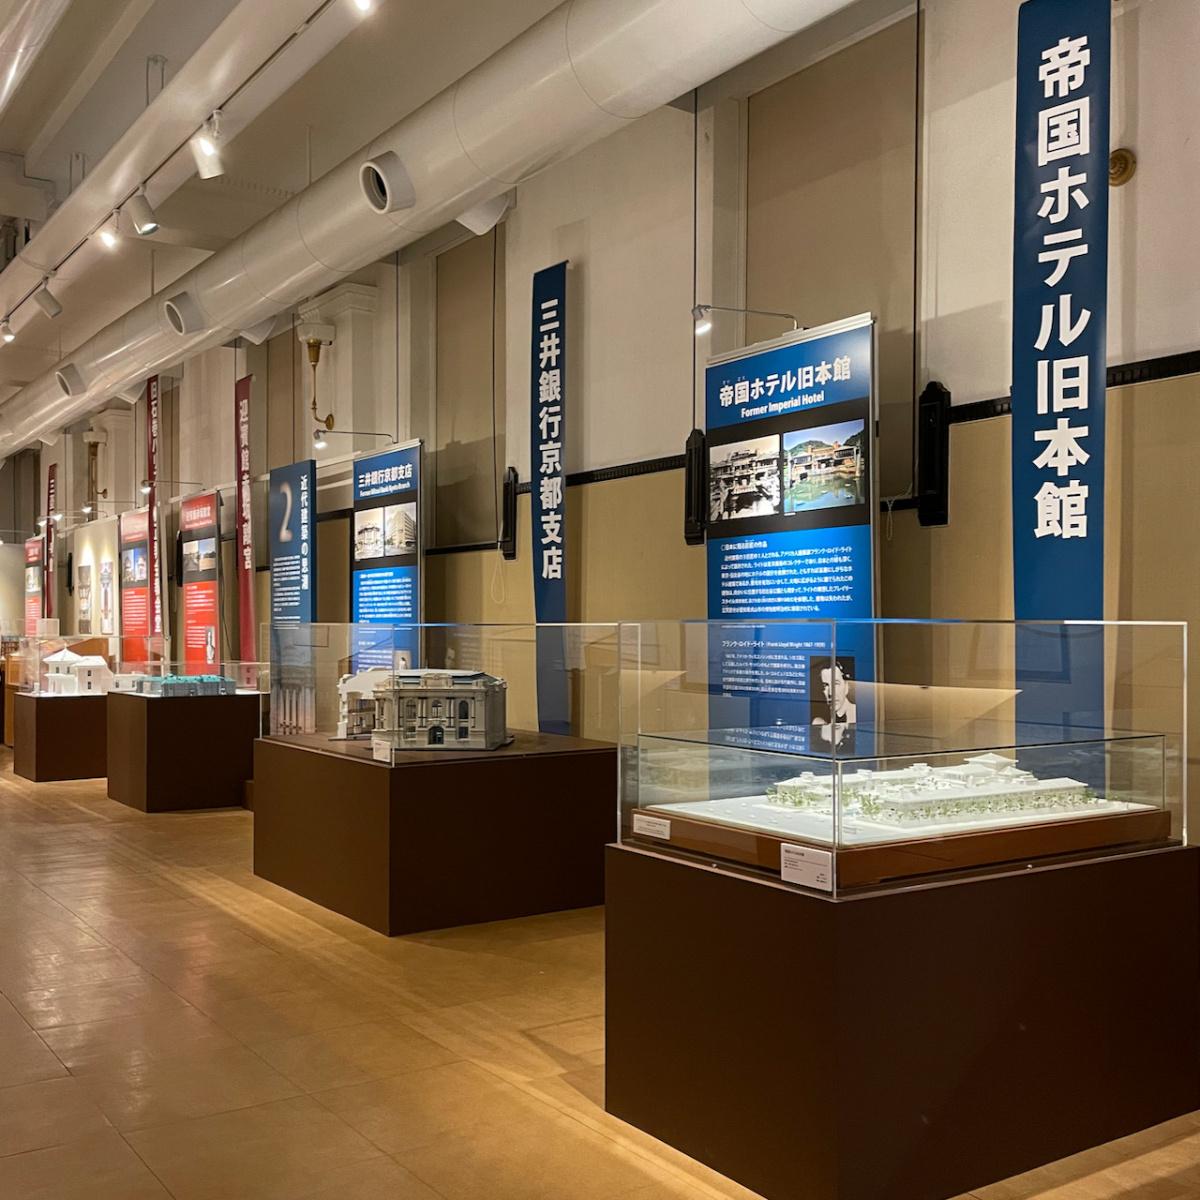 日本の伝統建築の技術がユネスコに登録に決定!  3つの会場で開催中の「日本のたてもの」展の見どころは?